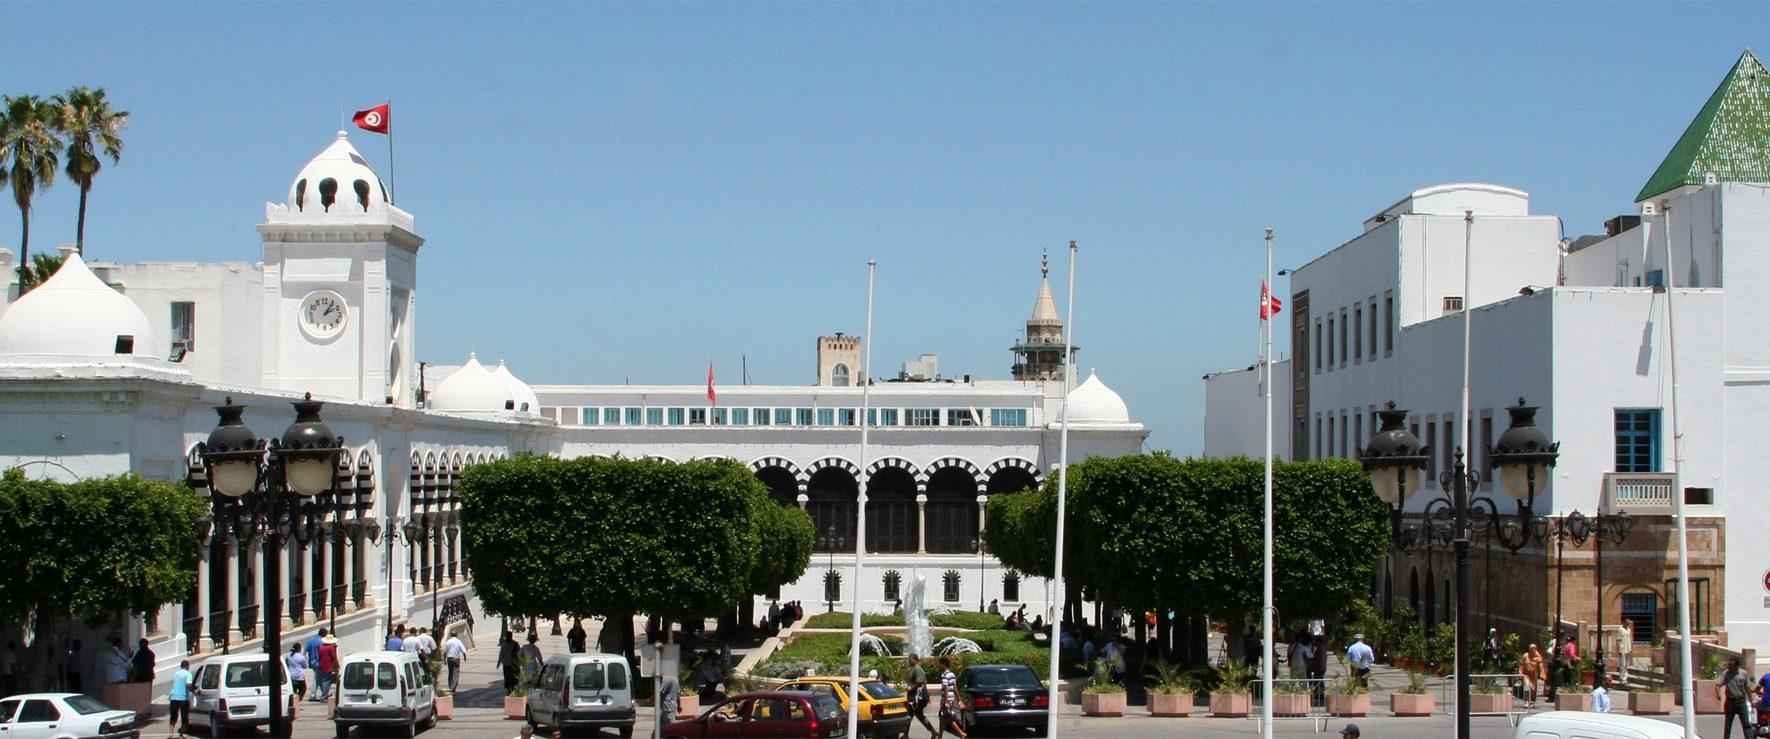 Tunisie : Comment va se mettre en place le déconfinement ? Selon quelles règles et quel calendrier ? Explications